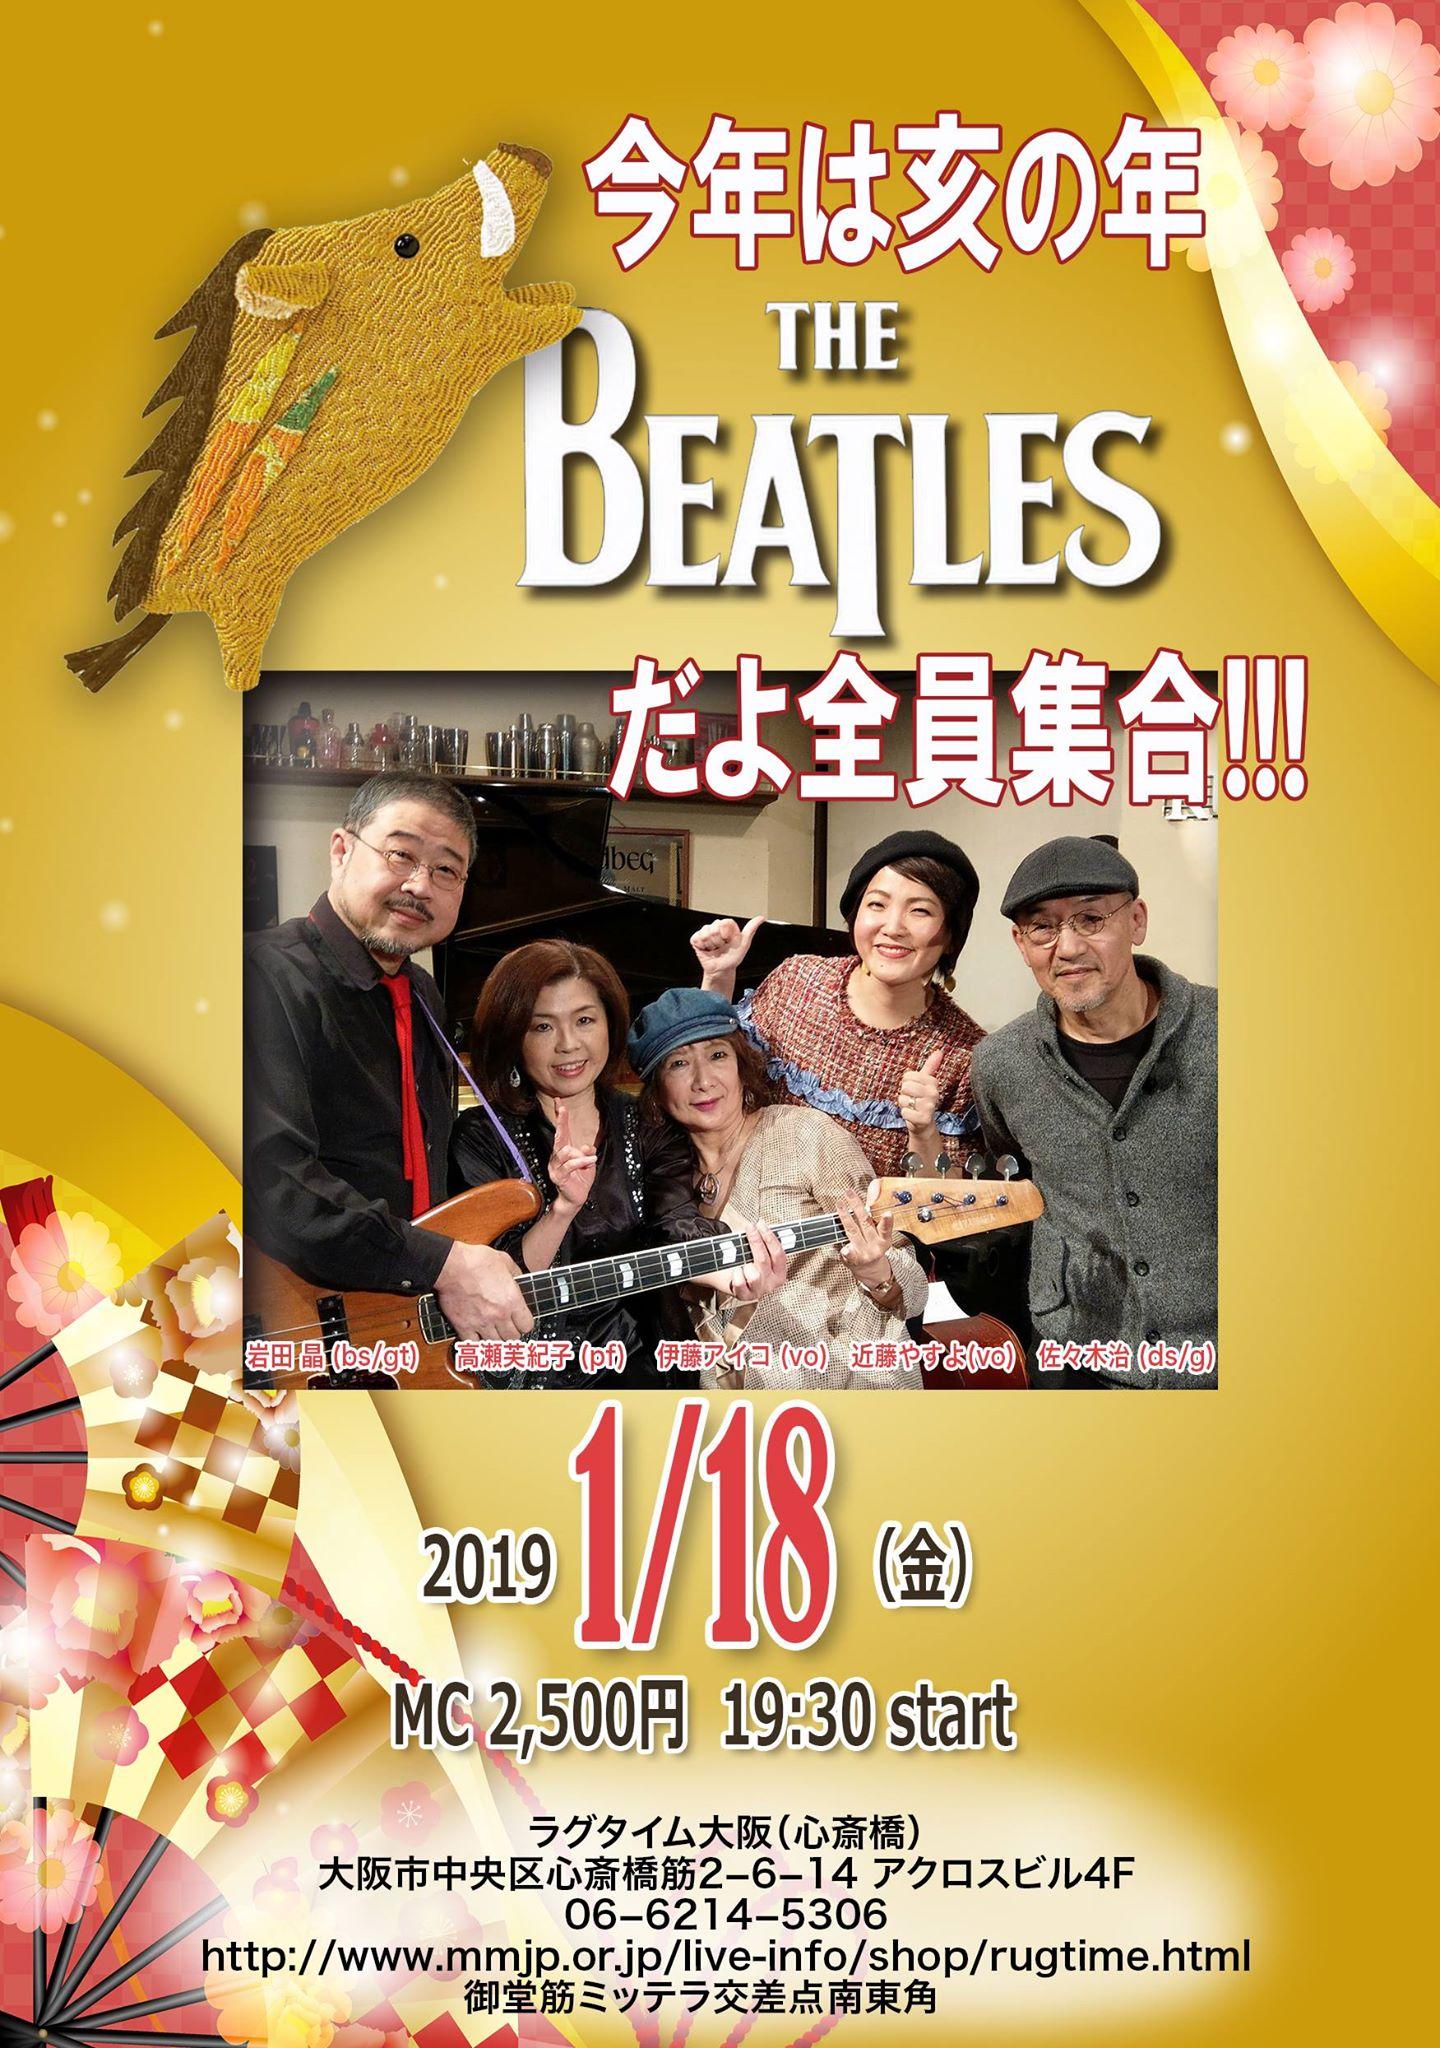 1月18日 ビートルズ祭り @ラグタイム大阪(心斎橋)